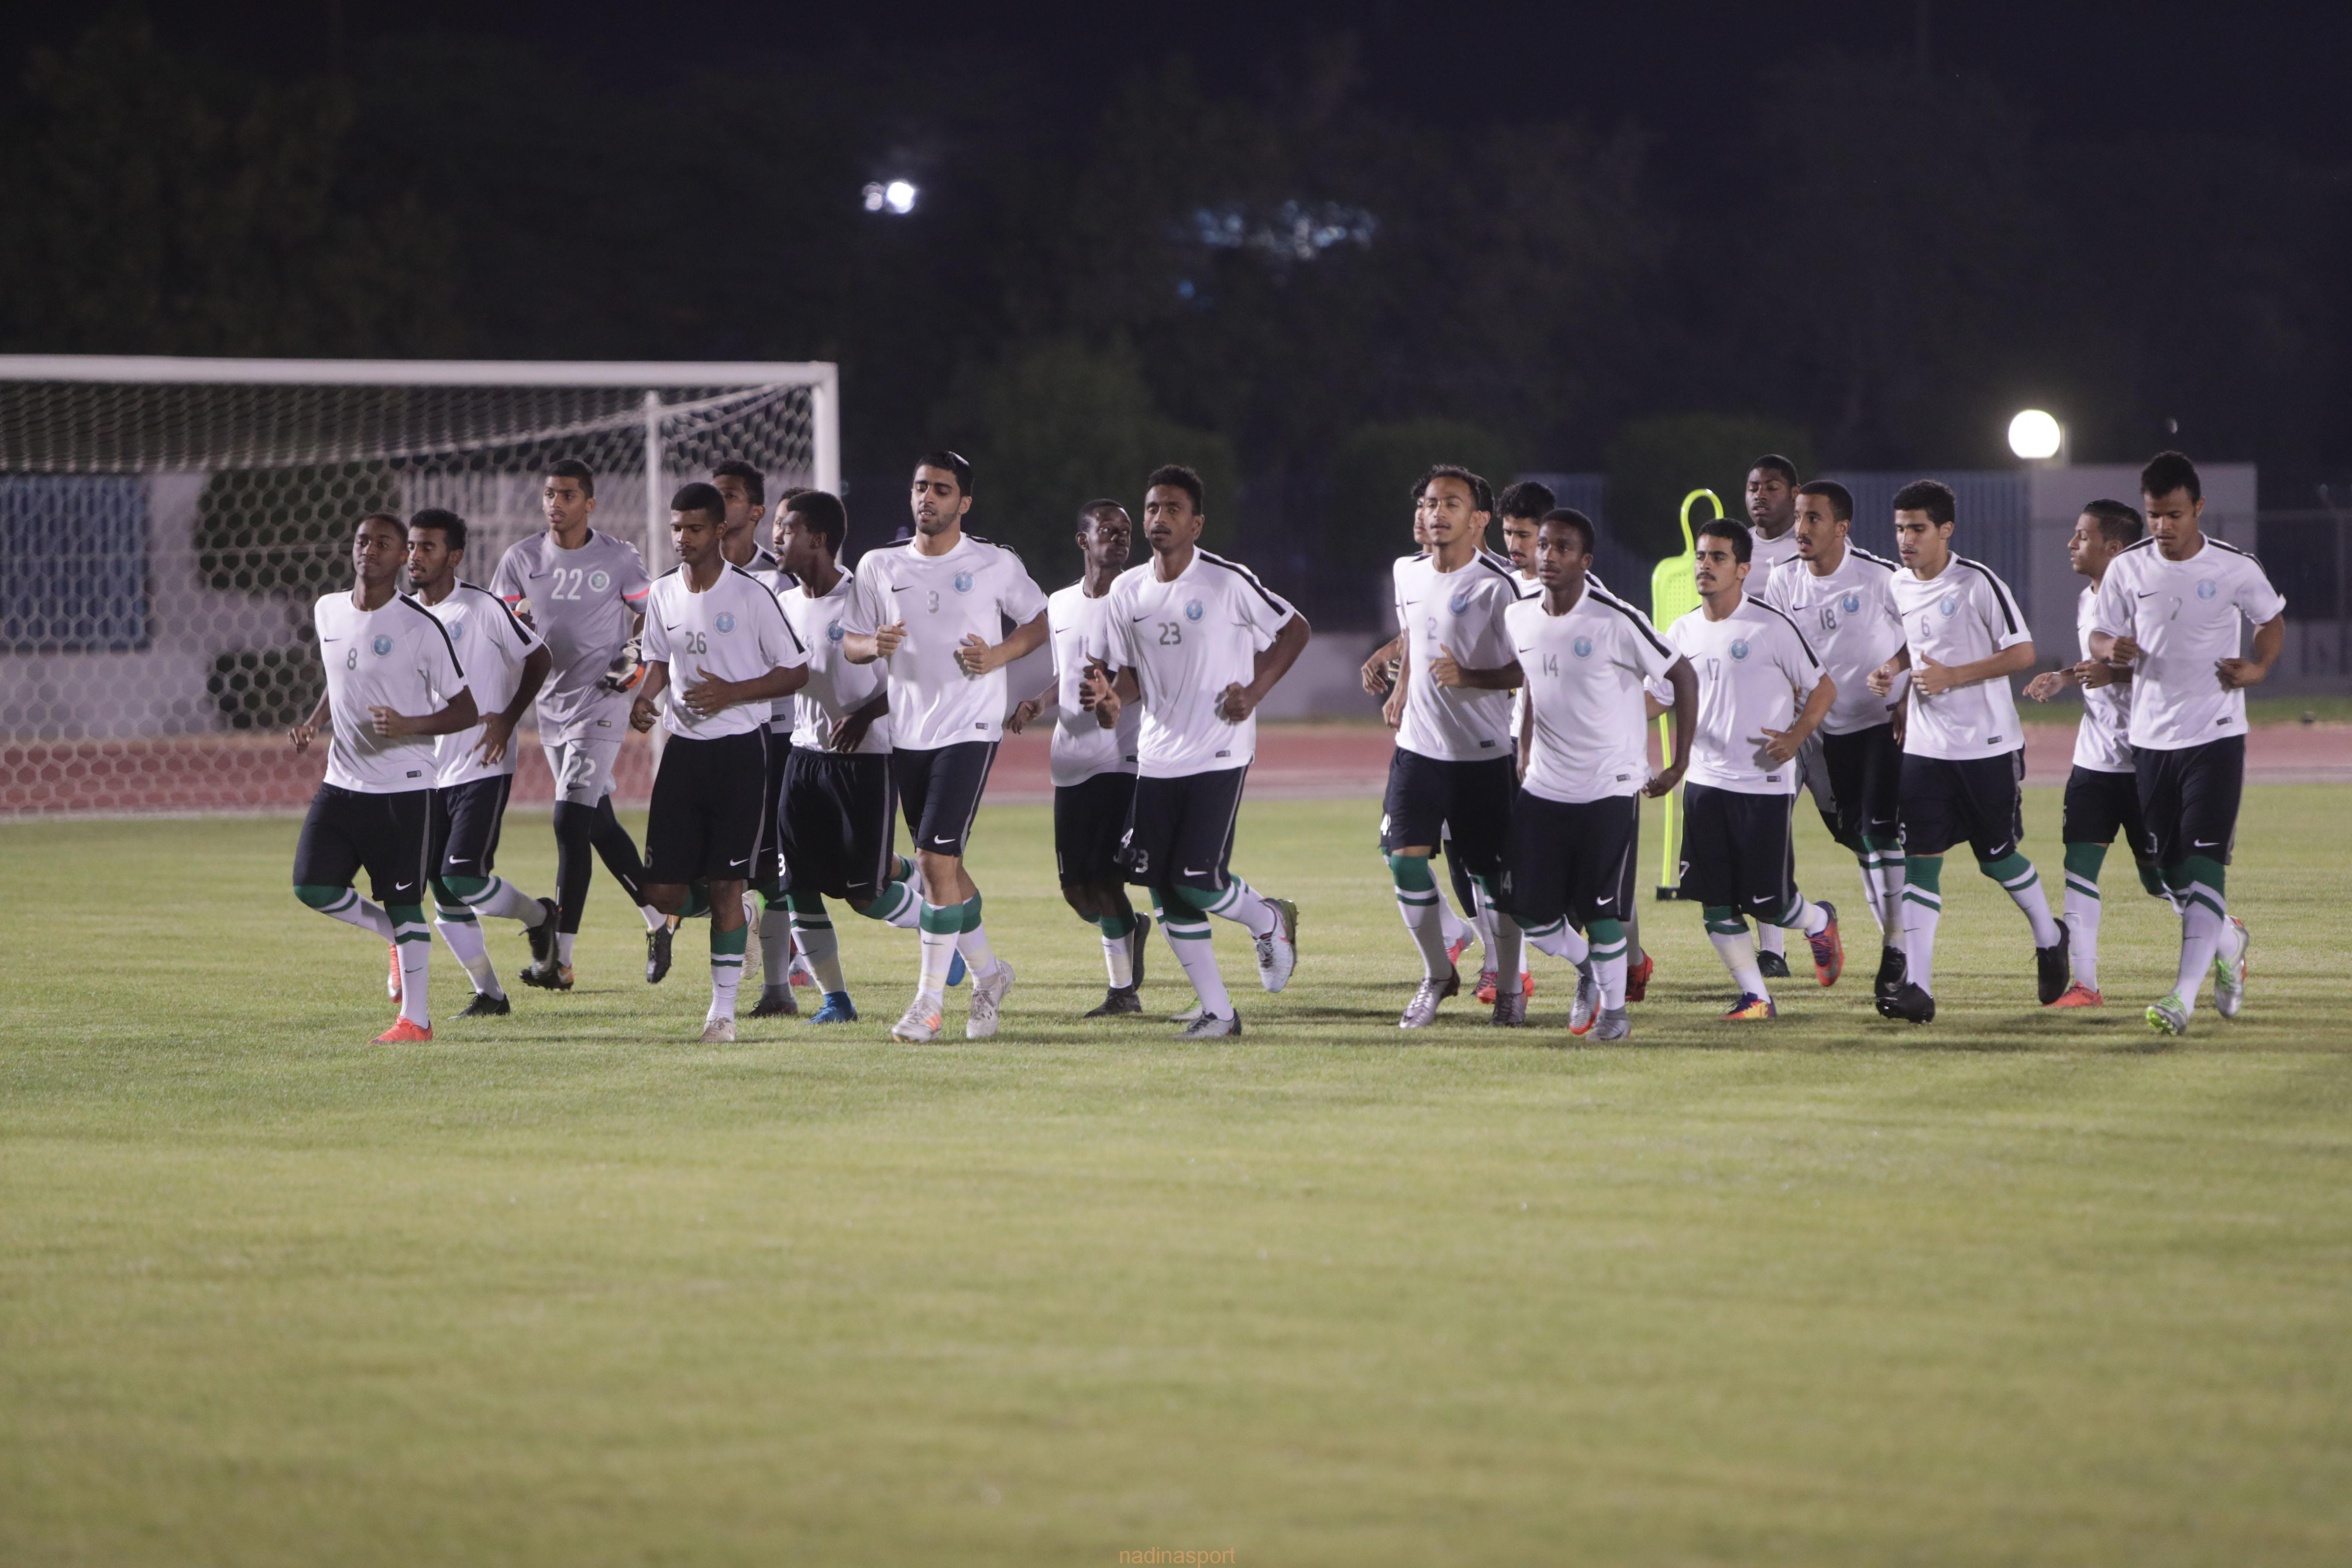 الأخضر الشاب يواجه اليمن في آخر مباريات التصفيات غداً الاربعاء